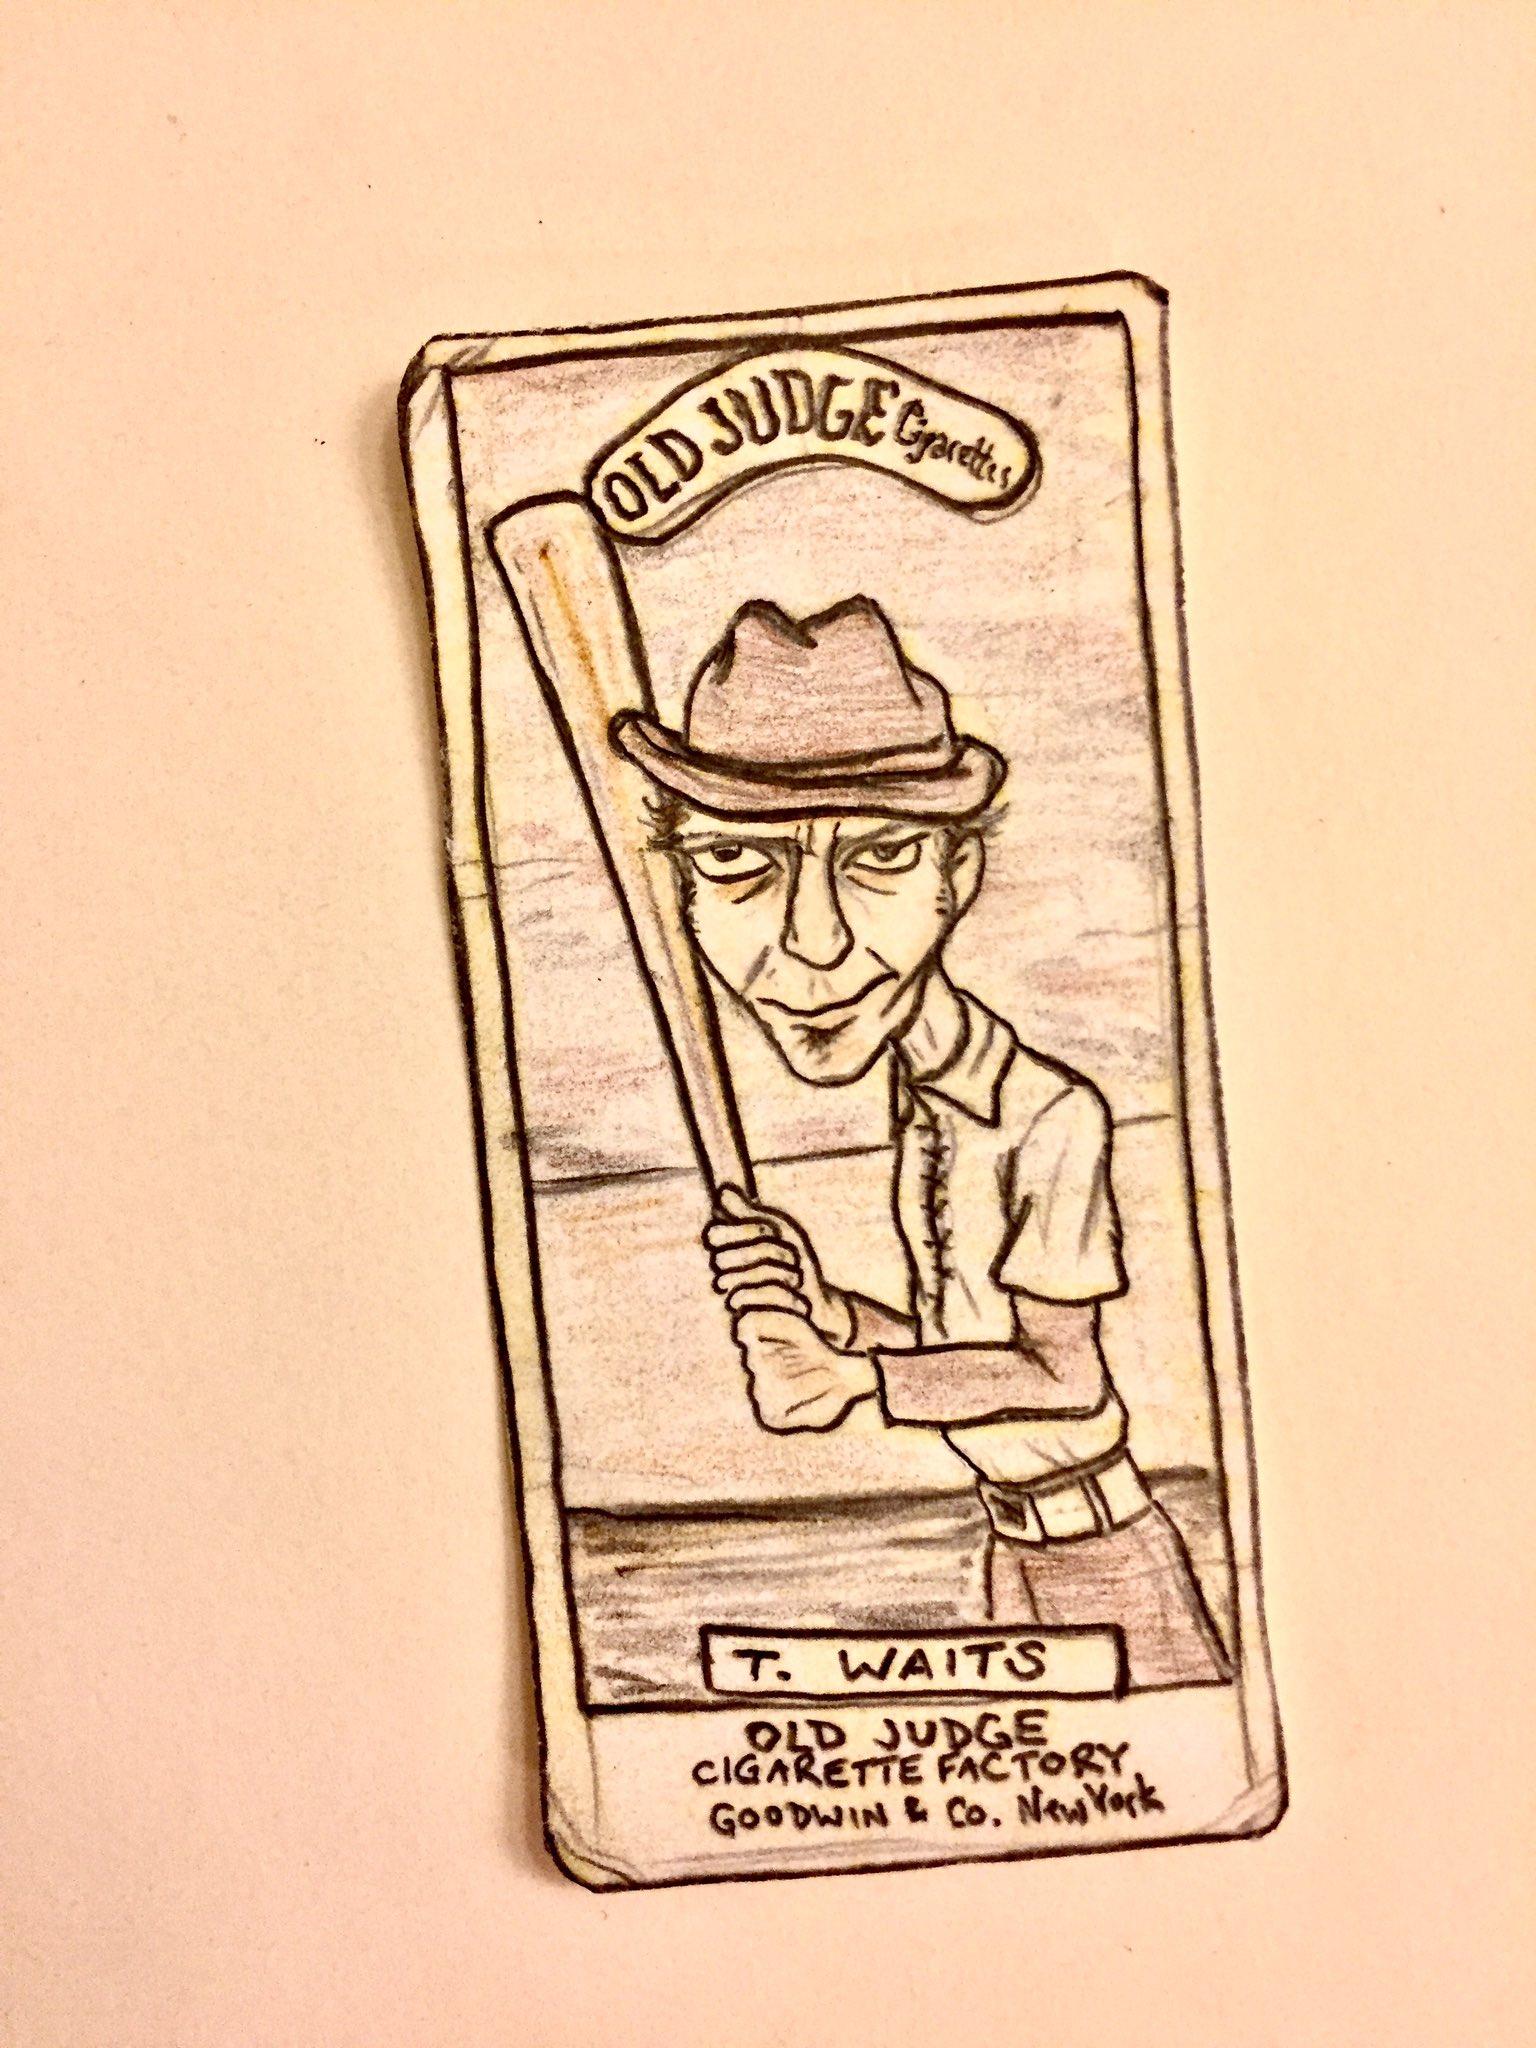 Happy birthday, Tom Waits!